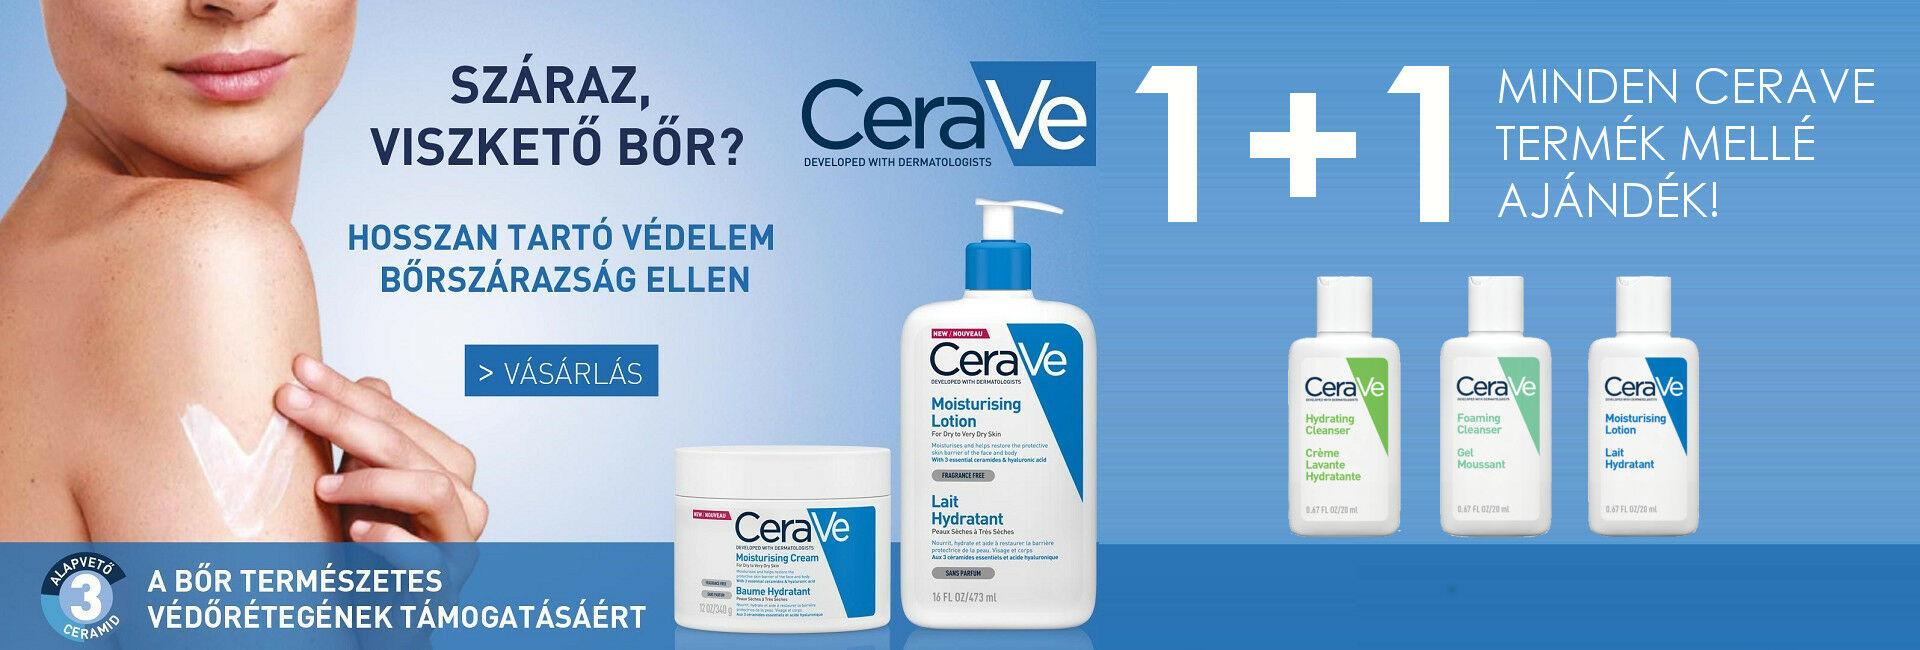 2020. március 1. ás április 30. között minden megrendelt CeraVe termék mellé 20ml-es CeraVe mini terméket adunk ajándékba 500 Ft értékben!